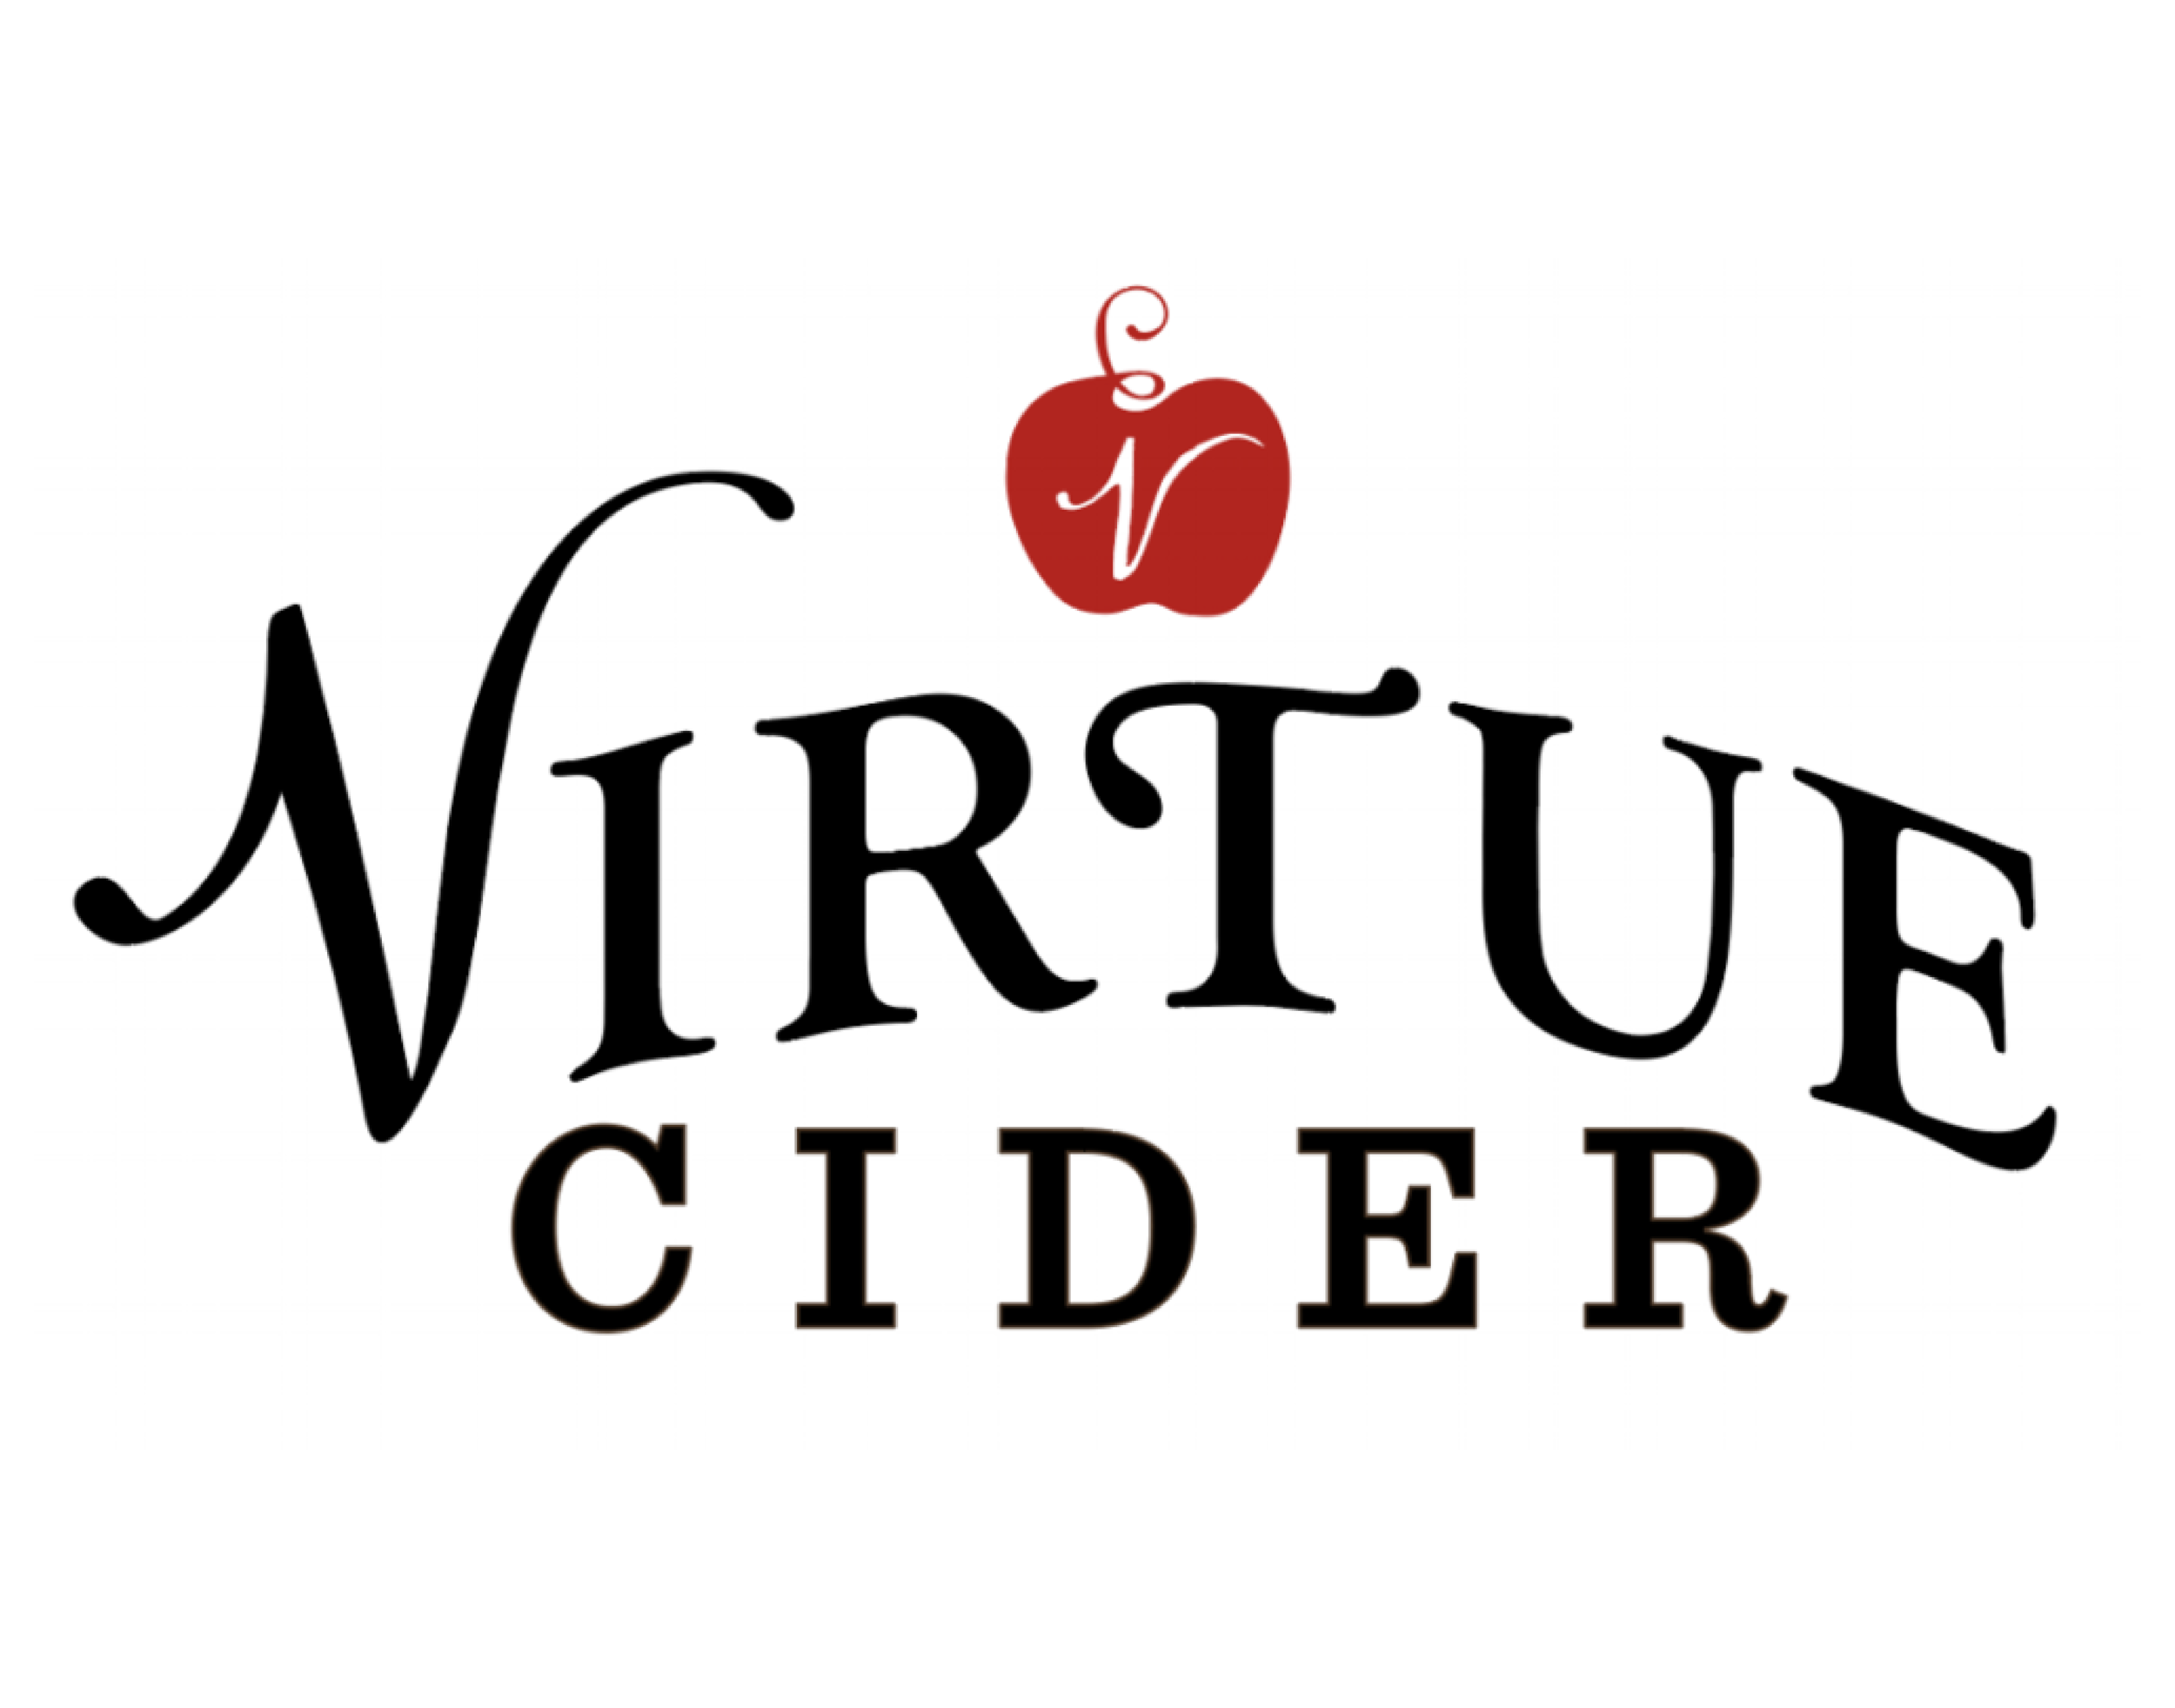 Virtue Cider logo. Links to Virtue Cider website.